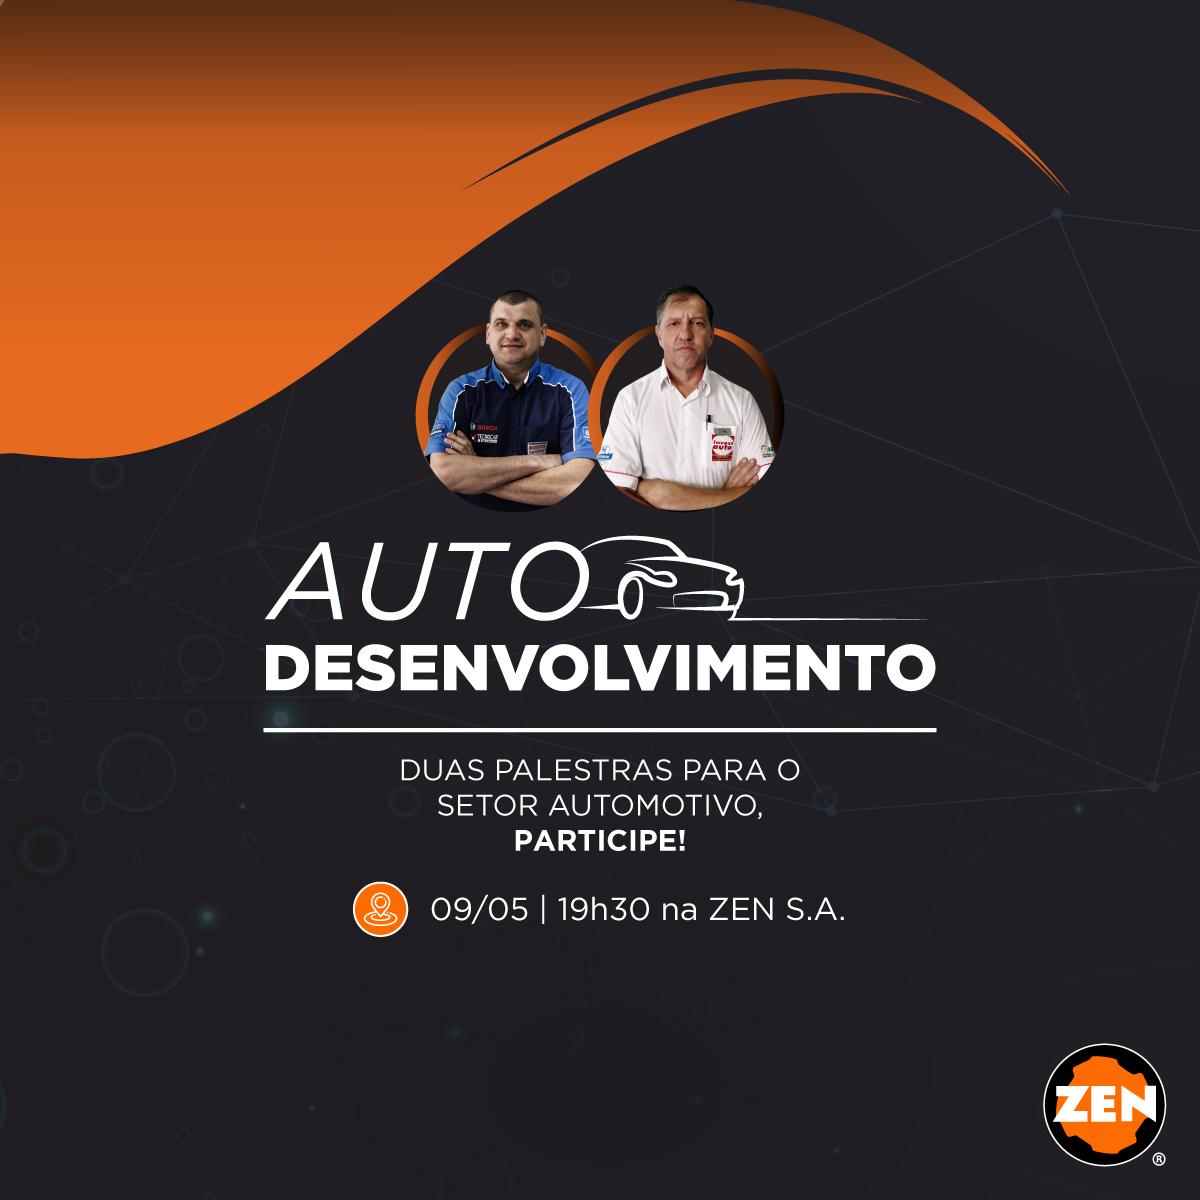 ZEN S.A. realizará evento gratuito com palestras para mecânicos e eletricistas